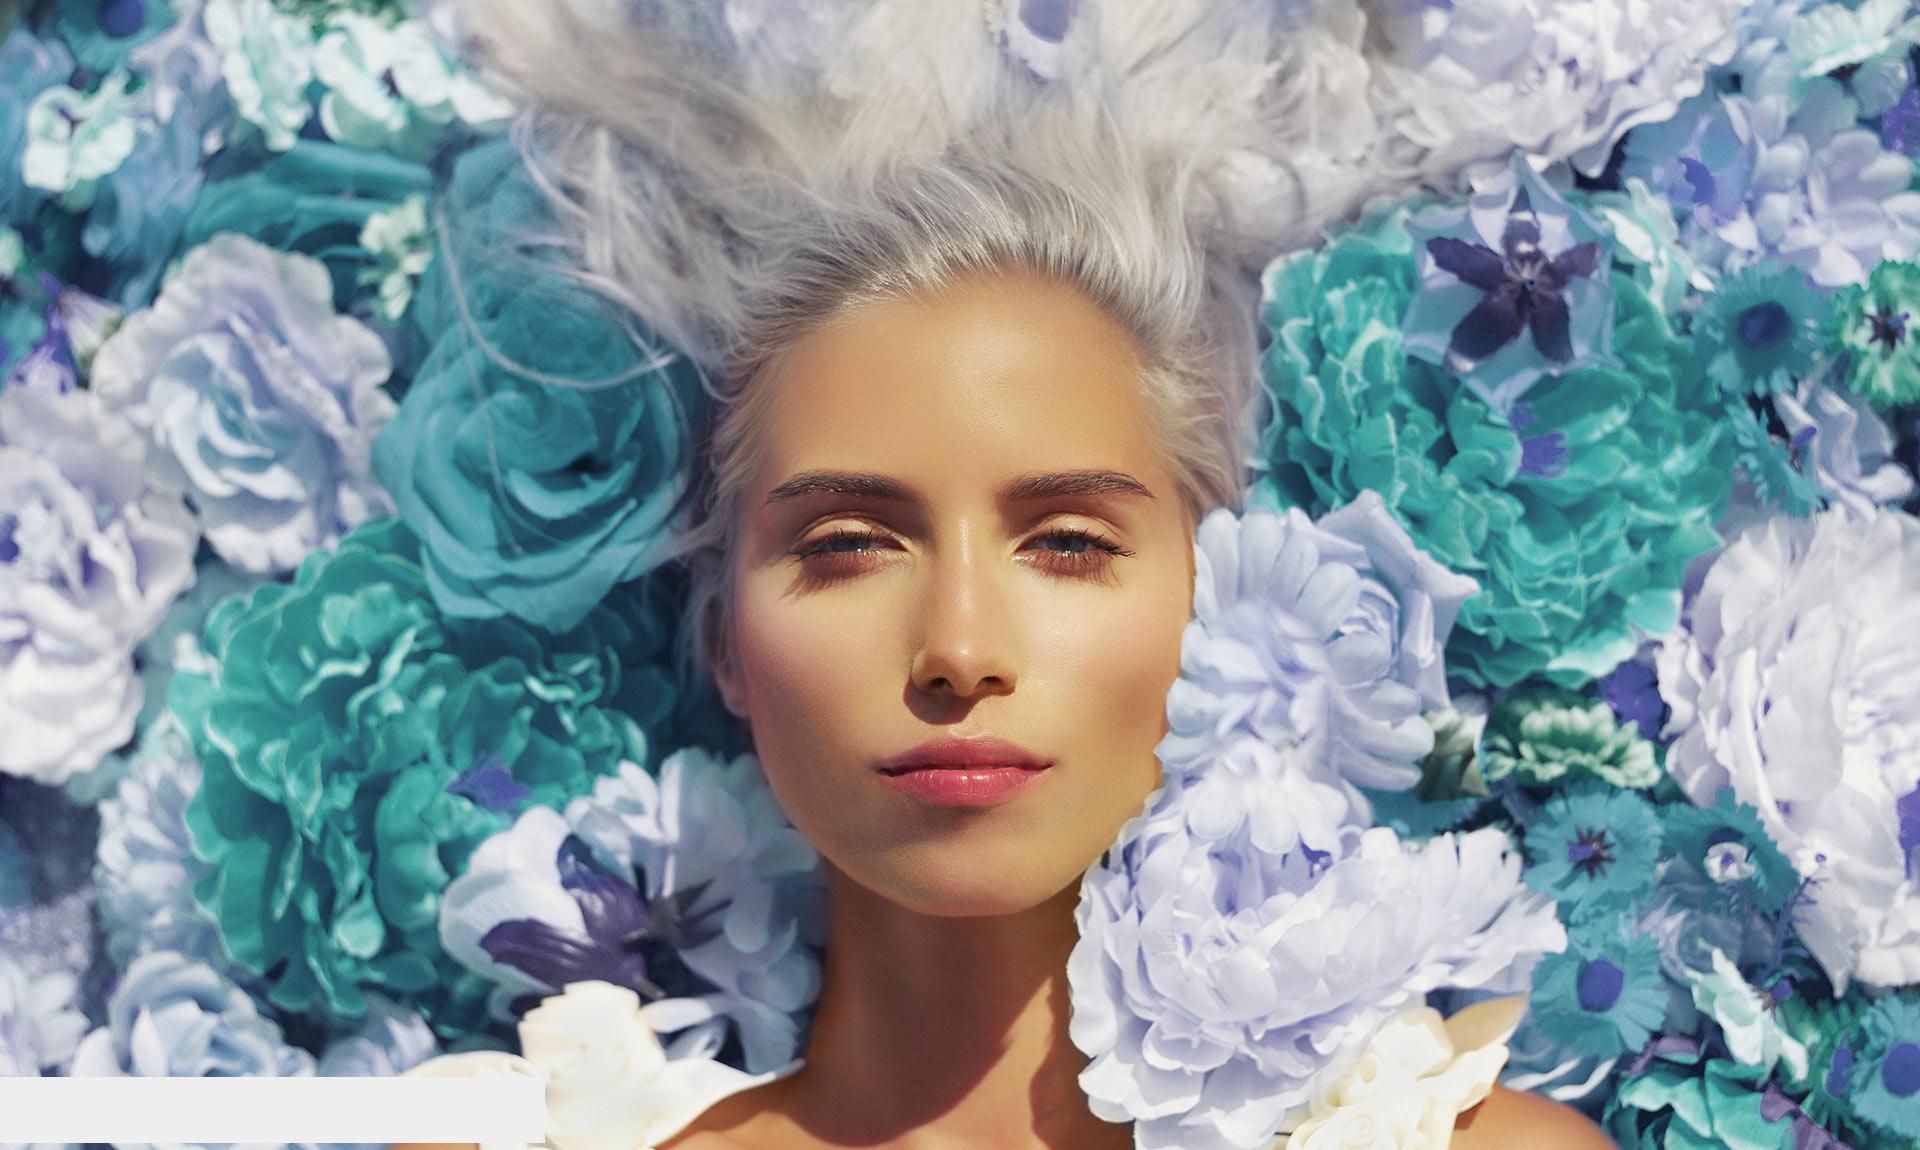 Immagine® Art of Fragrance: la prima linea di profumatori d'ambiente che racconta la personalità di chi la sceglie.